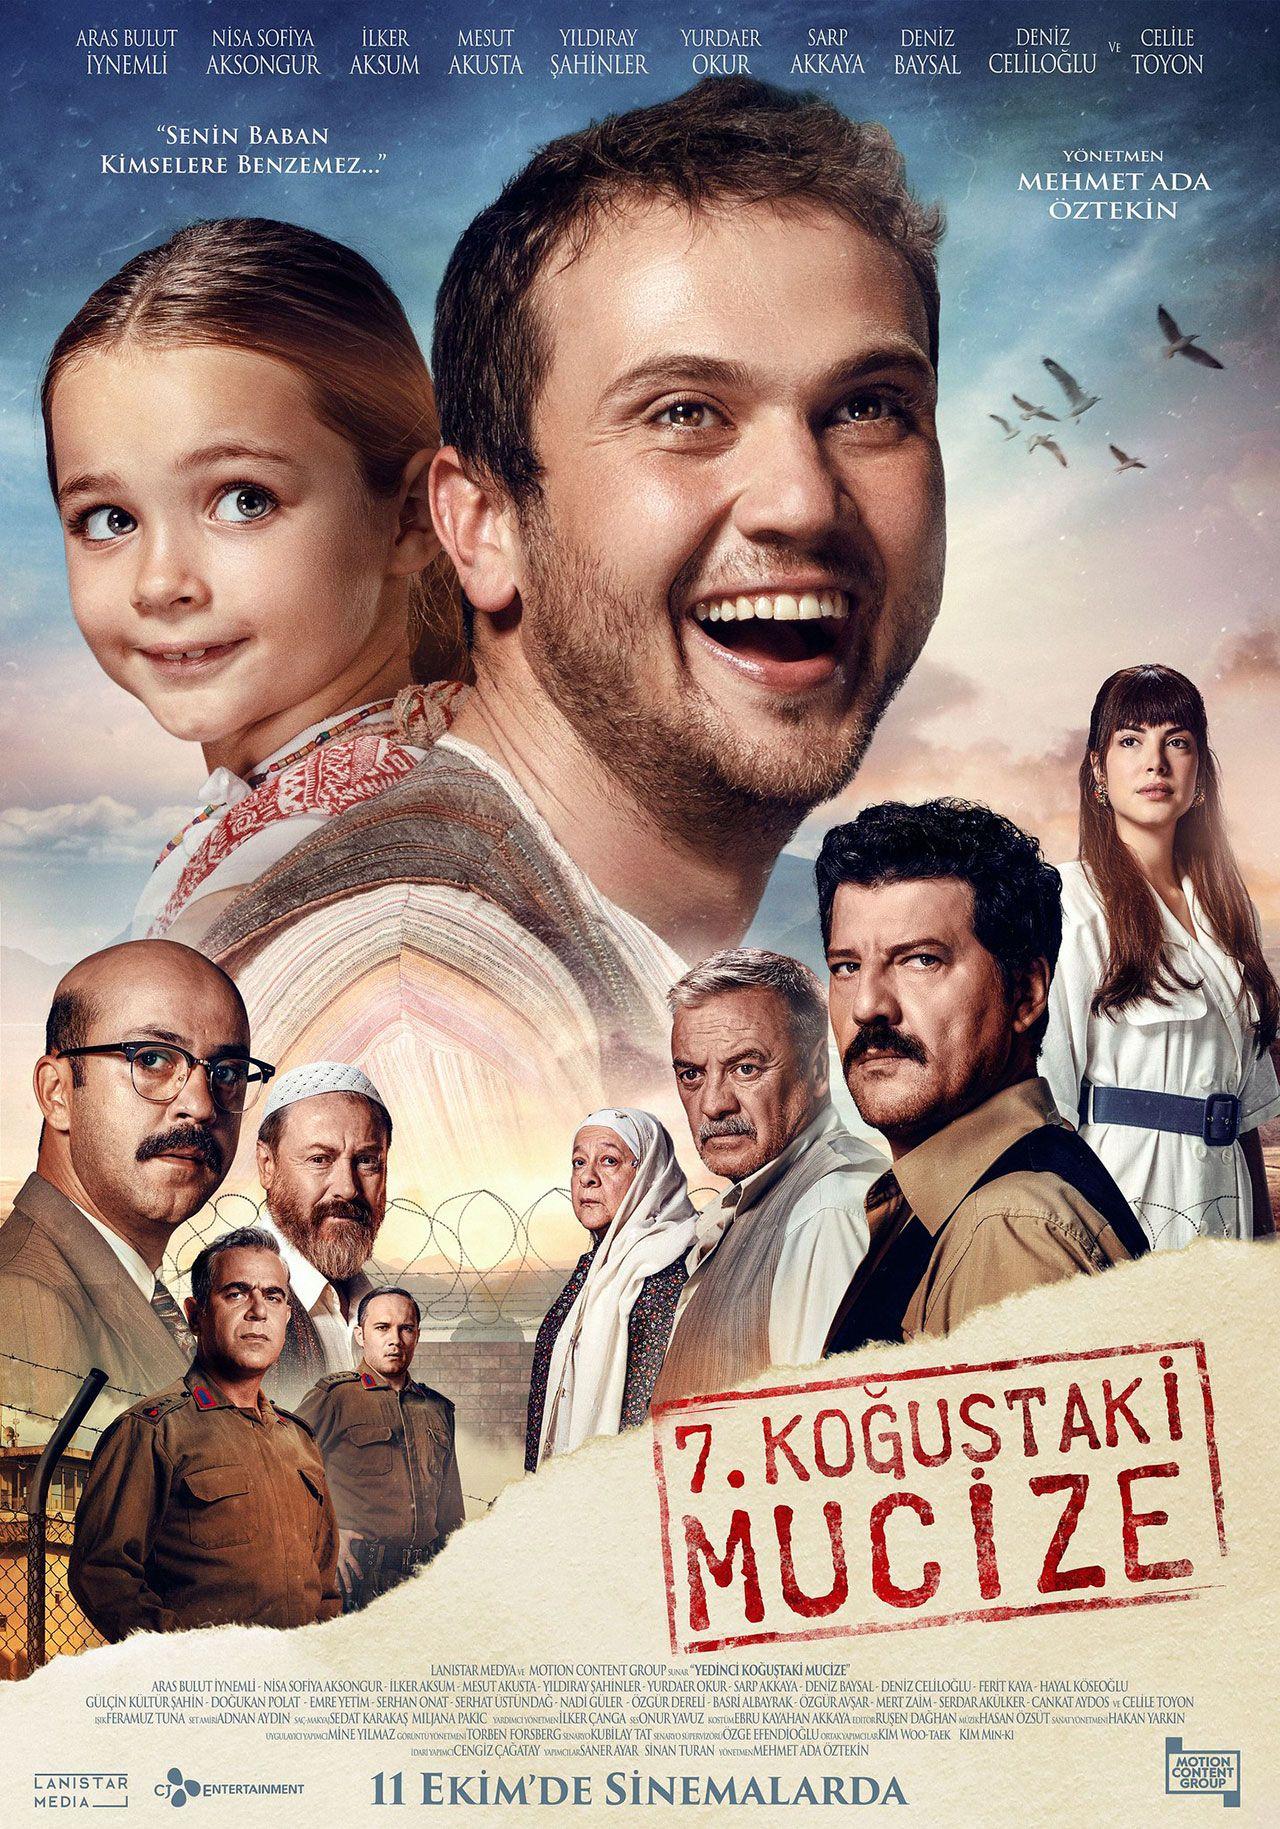 Box Office Türkiye rakamları açıklandı - Sayfa:5